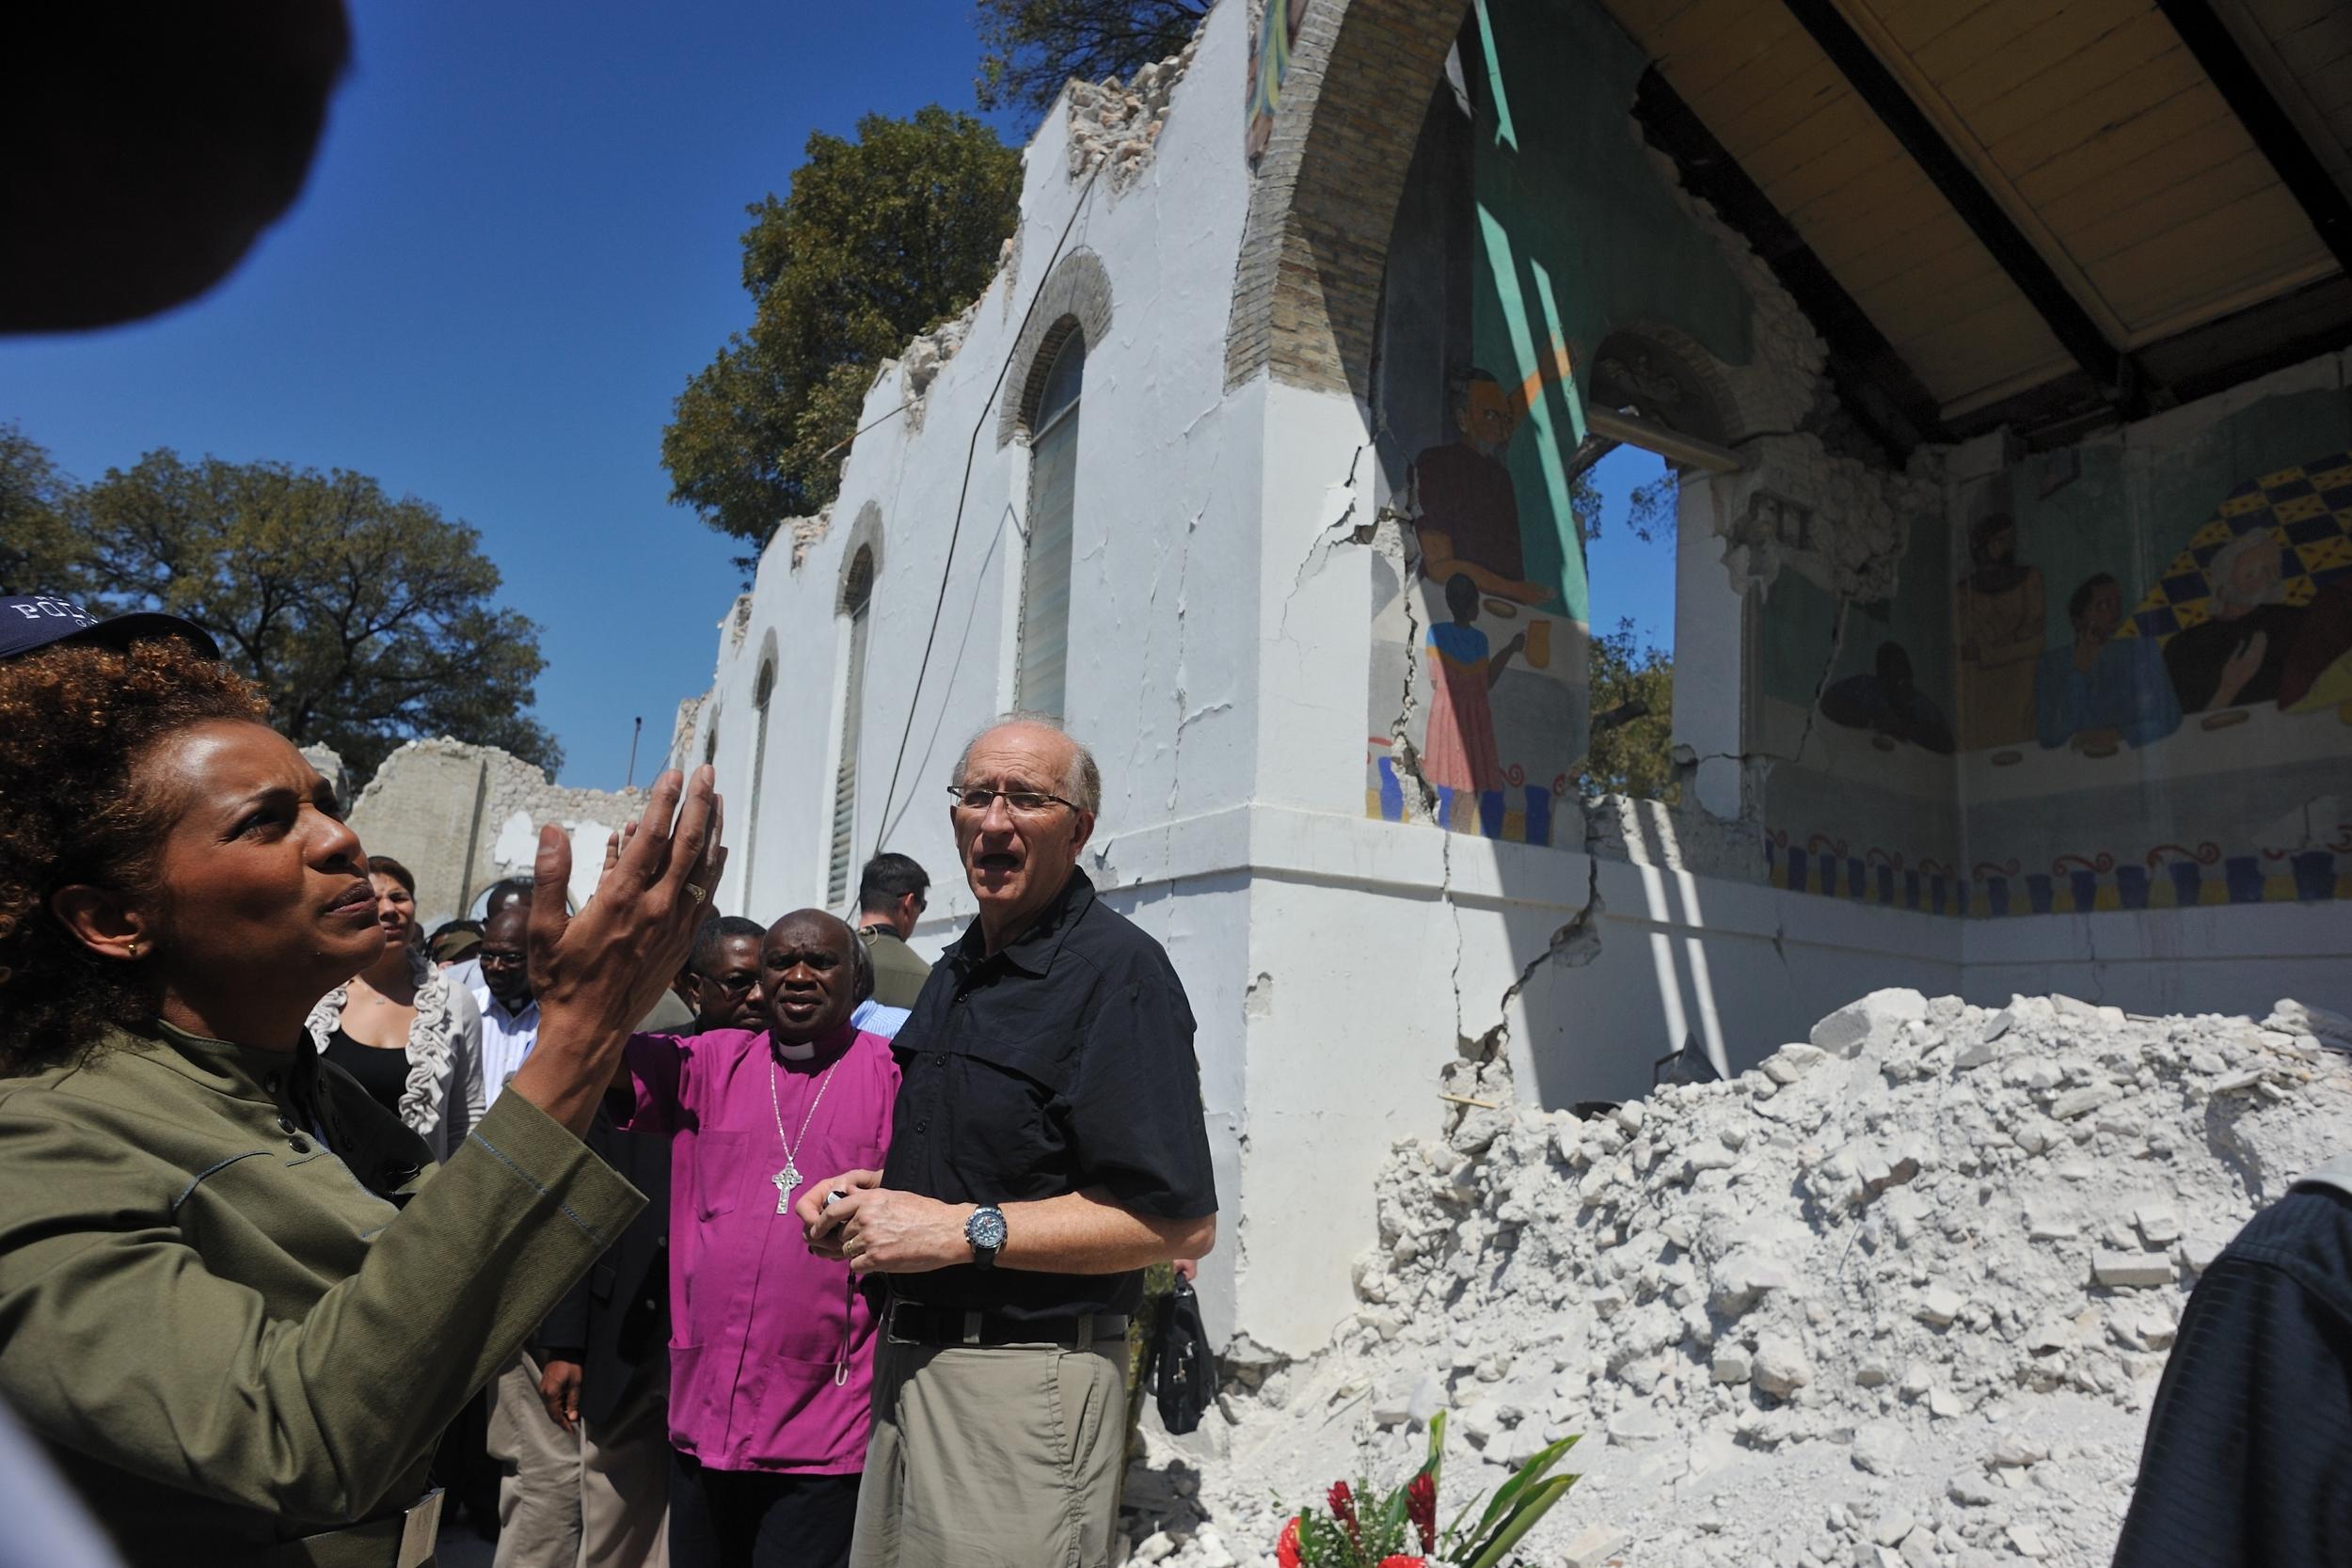 La gouverneure générale et son époux visitent divers lieux de Port-au-Prince, dont la Cathédrale Épiscopale et l'école Sainte-Trinité.